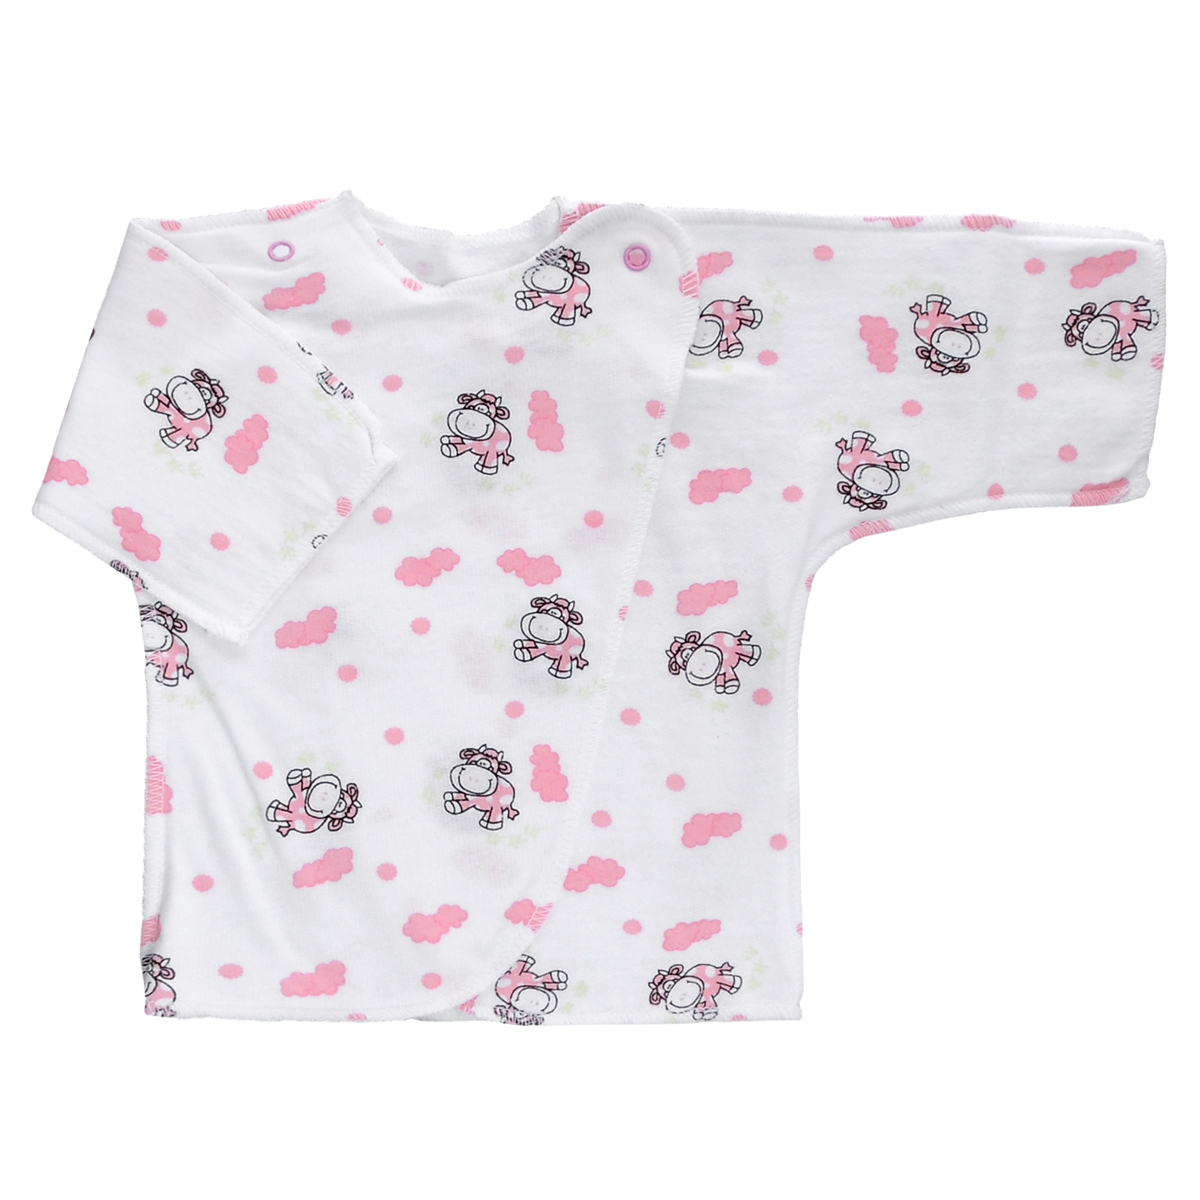 Распашонка Трон-Плюс, цвет: белый, розовый, рисунок коровы. 5022. Размер 68, 6 месяцев распашонка для девочки котмаркот дрим цвет розовый белый 4270 размер 68 3 6 месяцев